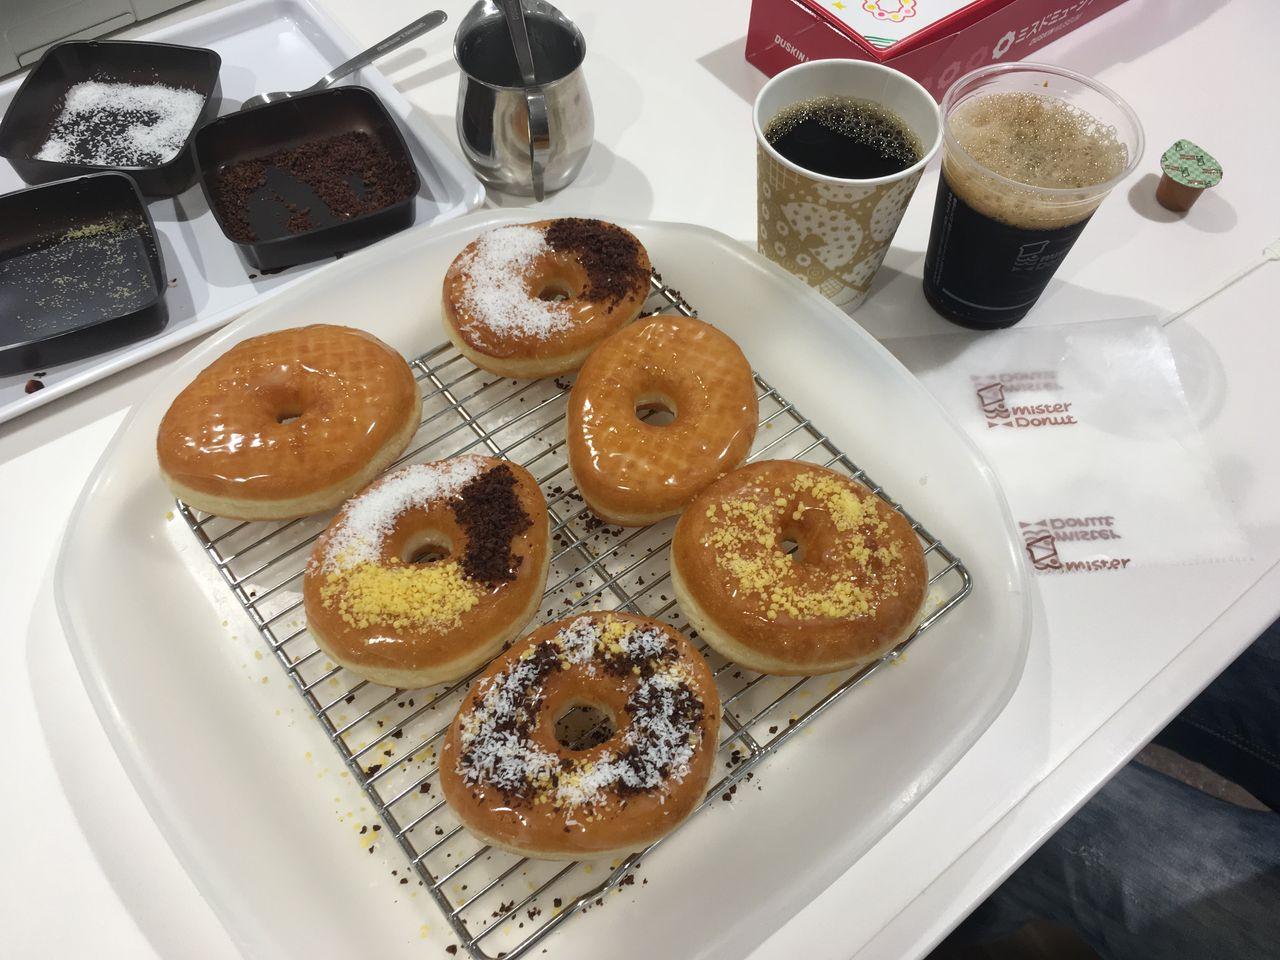 ドーナツ作り体験26